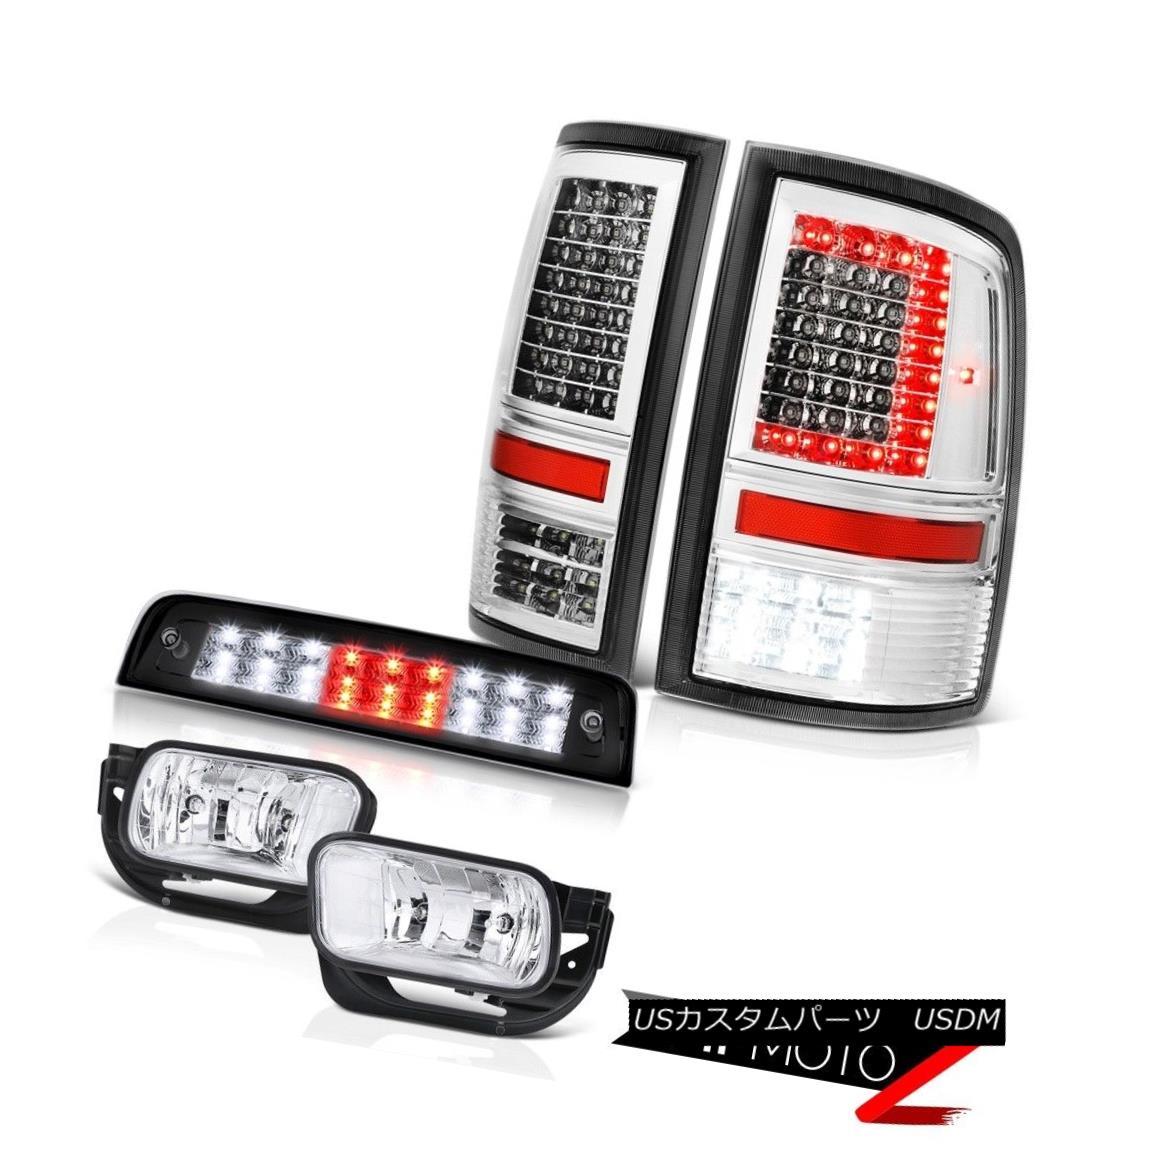 テールライト 09-18 Dodge RAM 3500 Black Brake Lights Led Tail Light Fog Lamp Replacement PAIR 09-18ダッジRAM 3500ブラックブレーキライトLedテールライトフォグランプ交換ペア